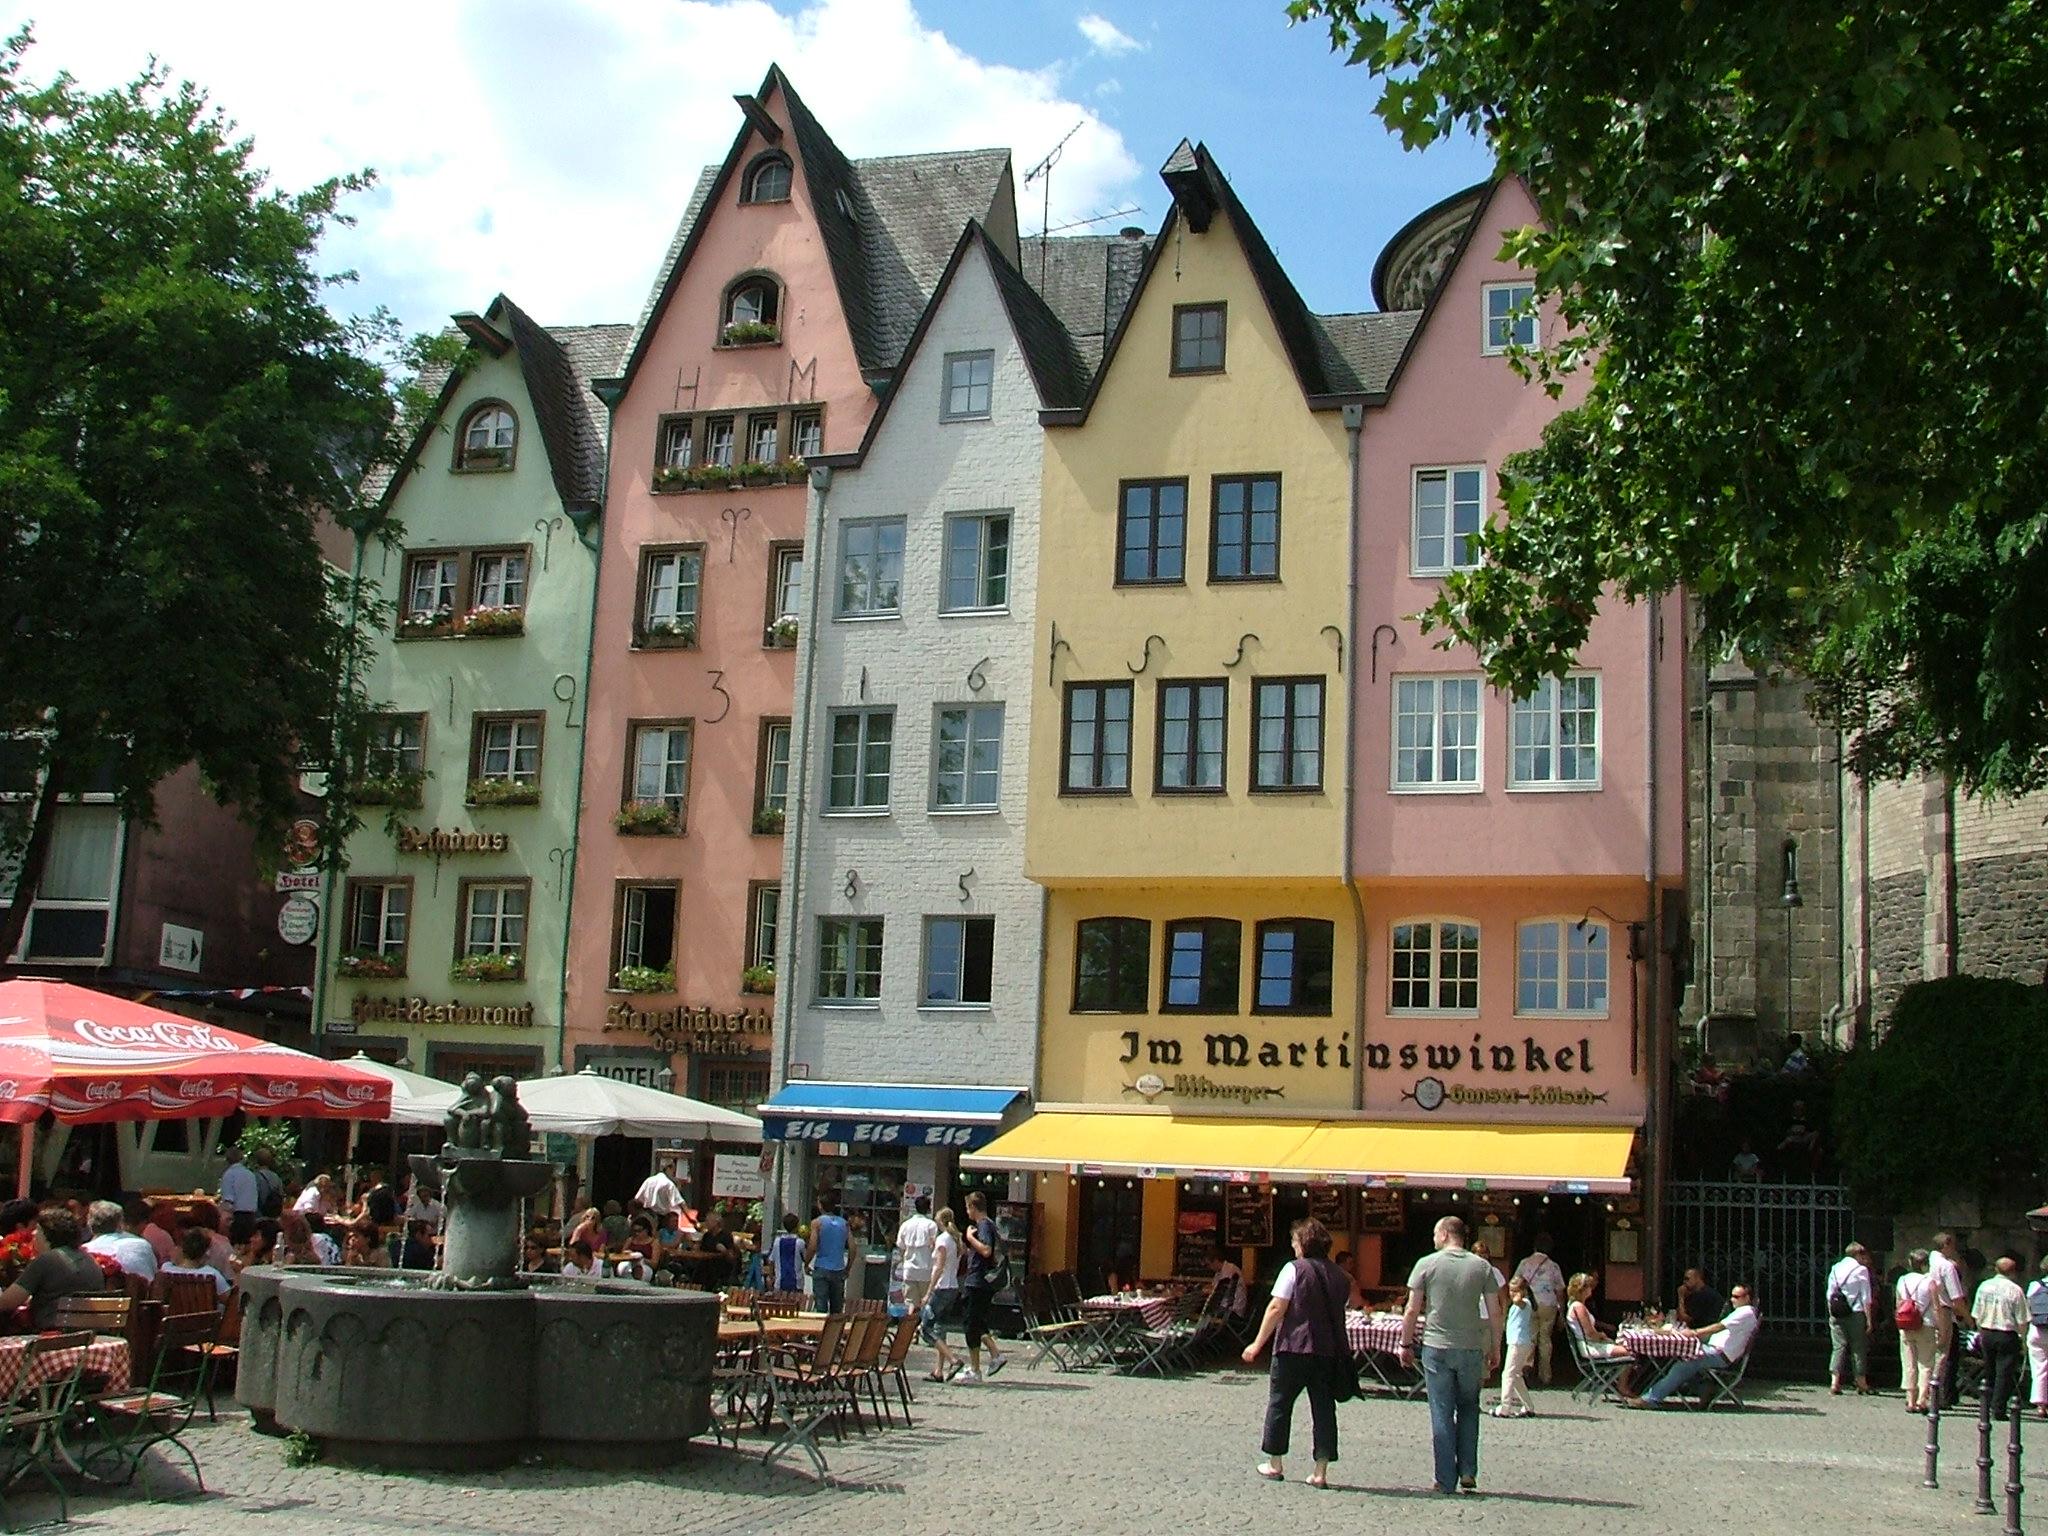 Tyskland tiltrækker stadig flere danske turister. Her er det centrum af Køln, der ligger ved Rhinen i Tysklands folkerigeste delstat, Nordrhein-Westfalen. Foto: Henrik Baumgarten.